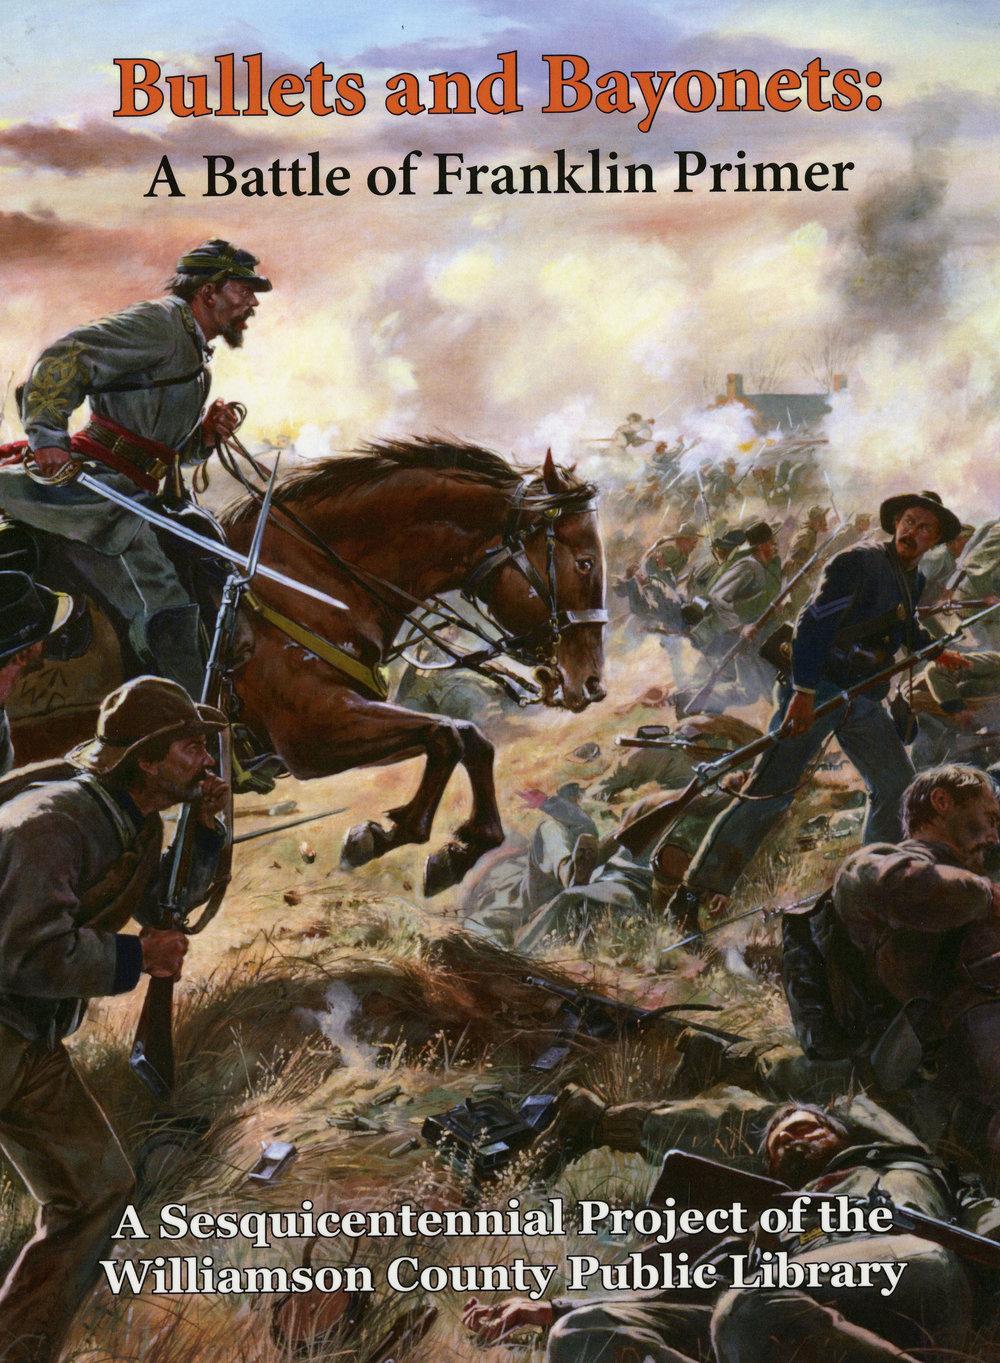 Bullets-Bayonets-Cover024.jpg